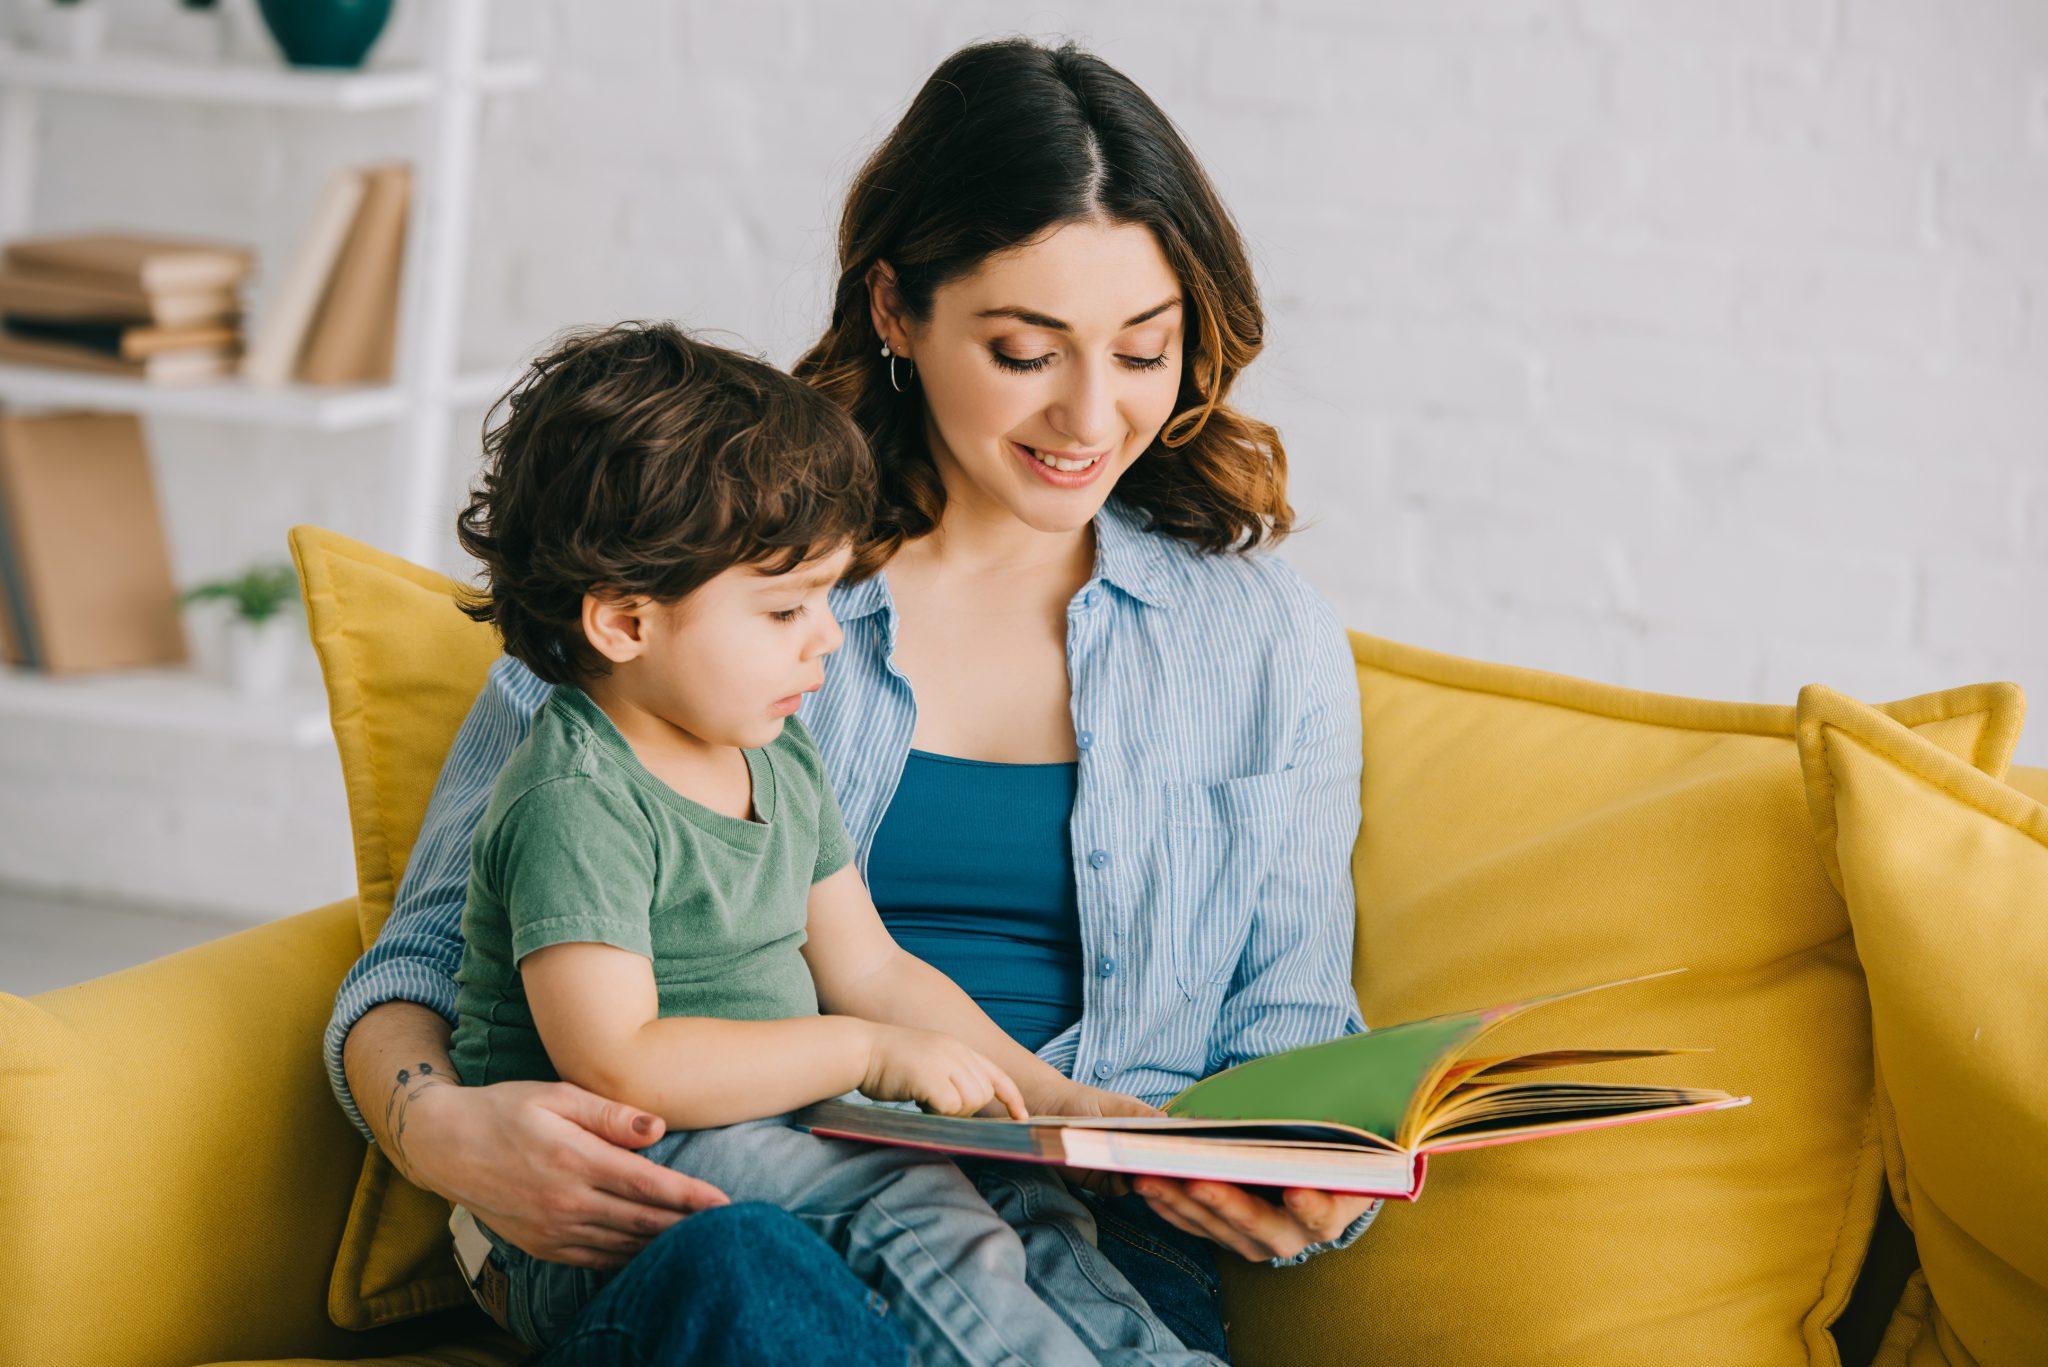 Consells psicològics per la cura d'infants